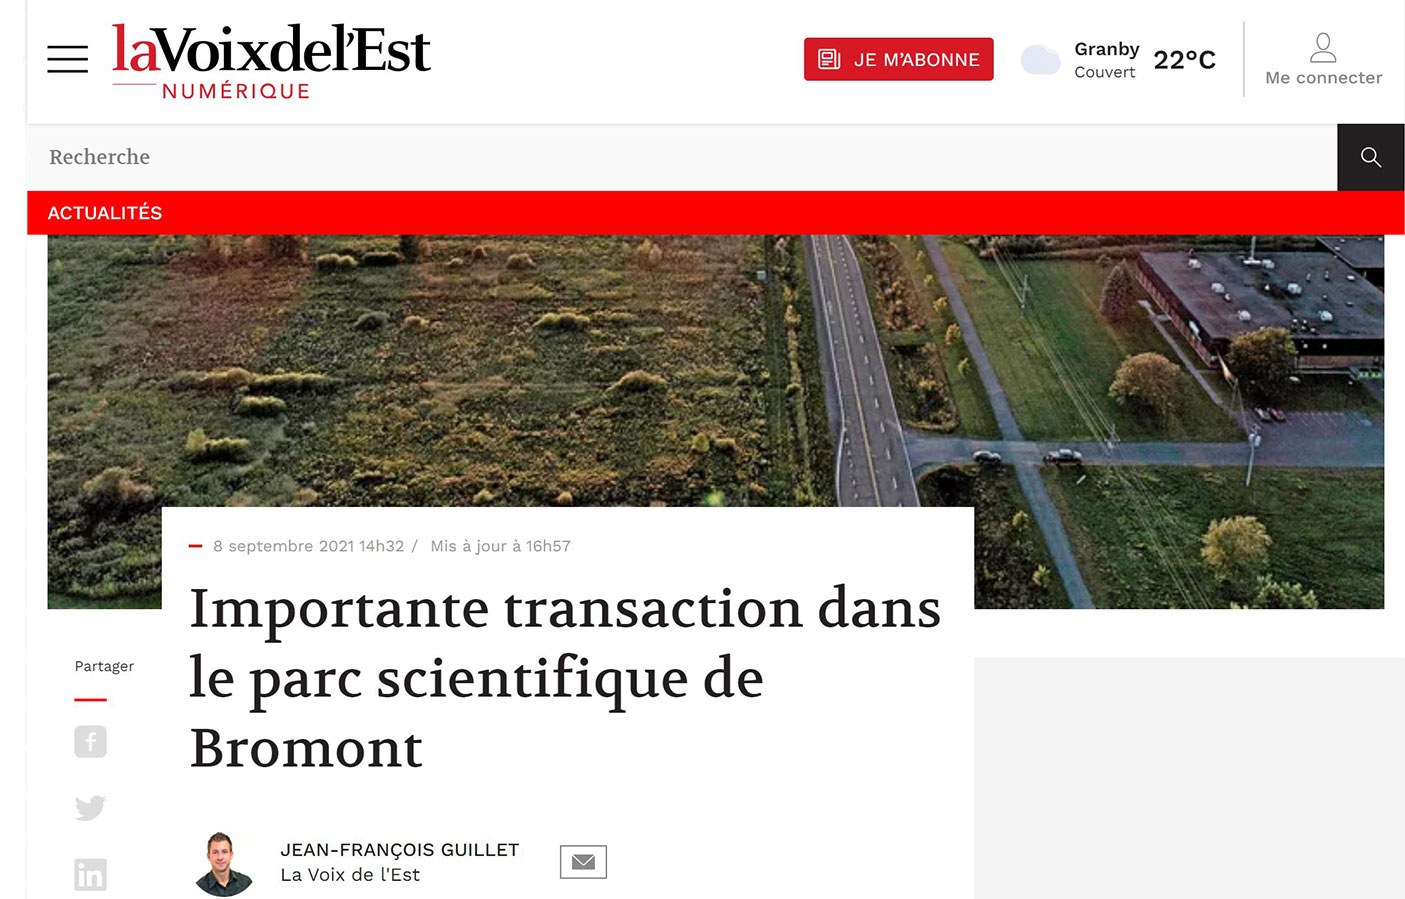 Importante transaction dans le parc scientifique de Bromont